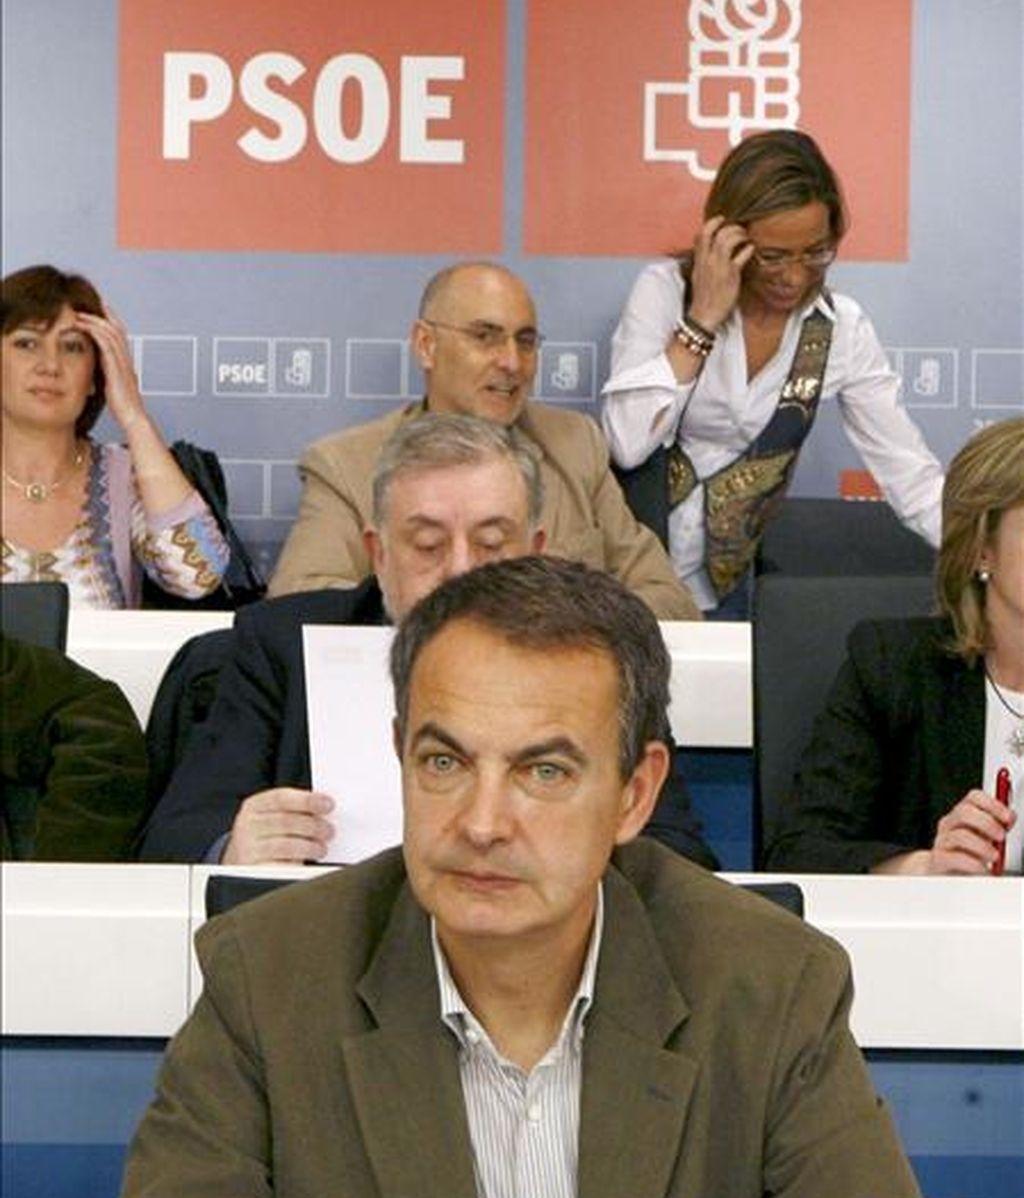 El presidente del Gobierno, José Luis Rodríguez Zapatero (c), durante la reunión hoy del Comité Federal del PSOE que tiene que aprobar la candidatura socialista a las elecciones europeas. EFE